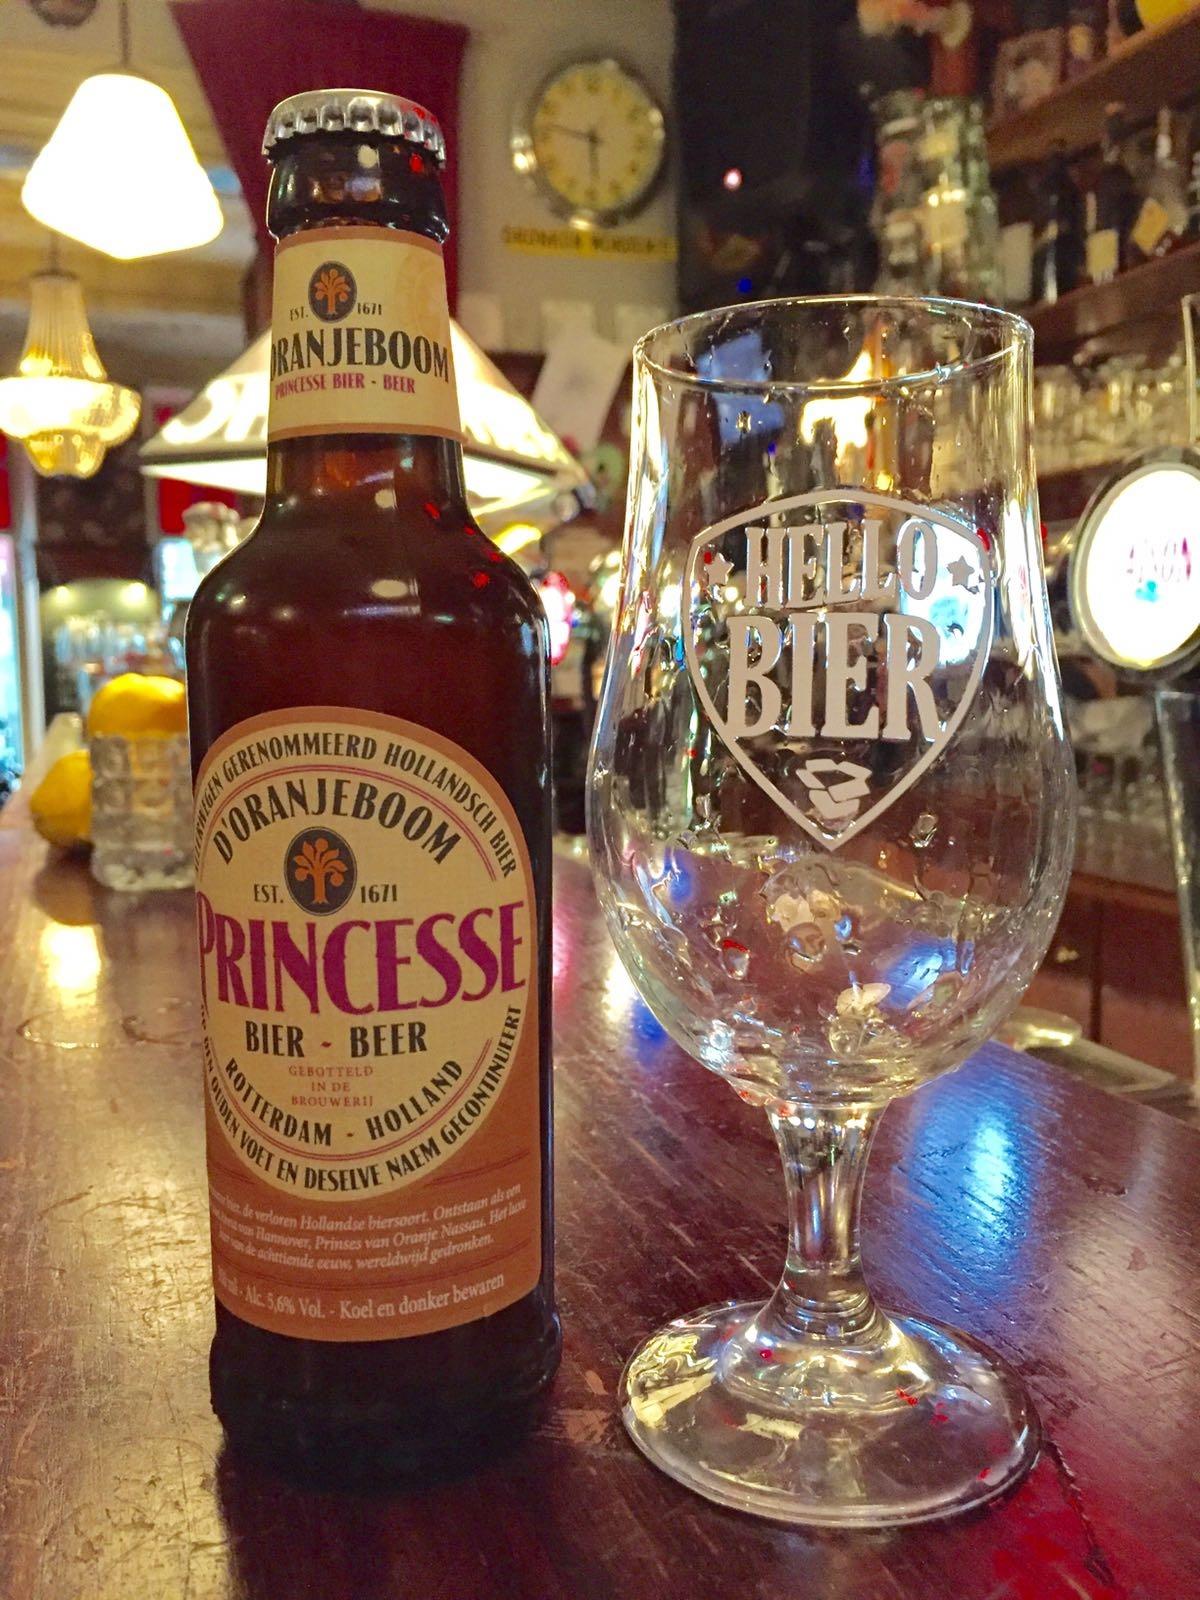 Princesse D´oranjeboom Saison Herkomst: Breda, Nederland Zoals de kleur doet denken aan karamel herken je dit ook in de neus en smaak. De ronde smaak wordt compleet gemaakt door tonen van zoethout en koriander en is sympathiek in zijn bitterheid. Dit bier is ontstaan als een ode aan Anne van Hanover, Prinses van Oranje Nassau. Bierspecialisten hebben het voor elkaar gekregen om dit bier te brouwen door een teruggevonden origineel recept. Dit bier bevat een alcoholpercentage van: 5,6%. Advies serveertemperatuur: 8 tot 12 graden.